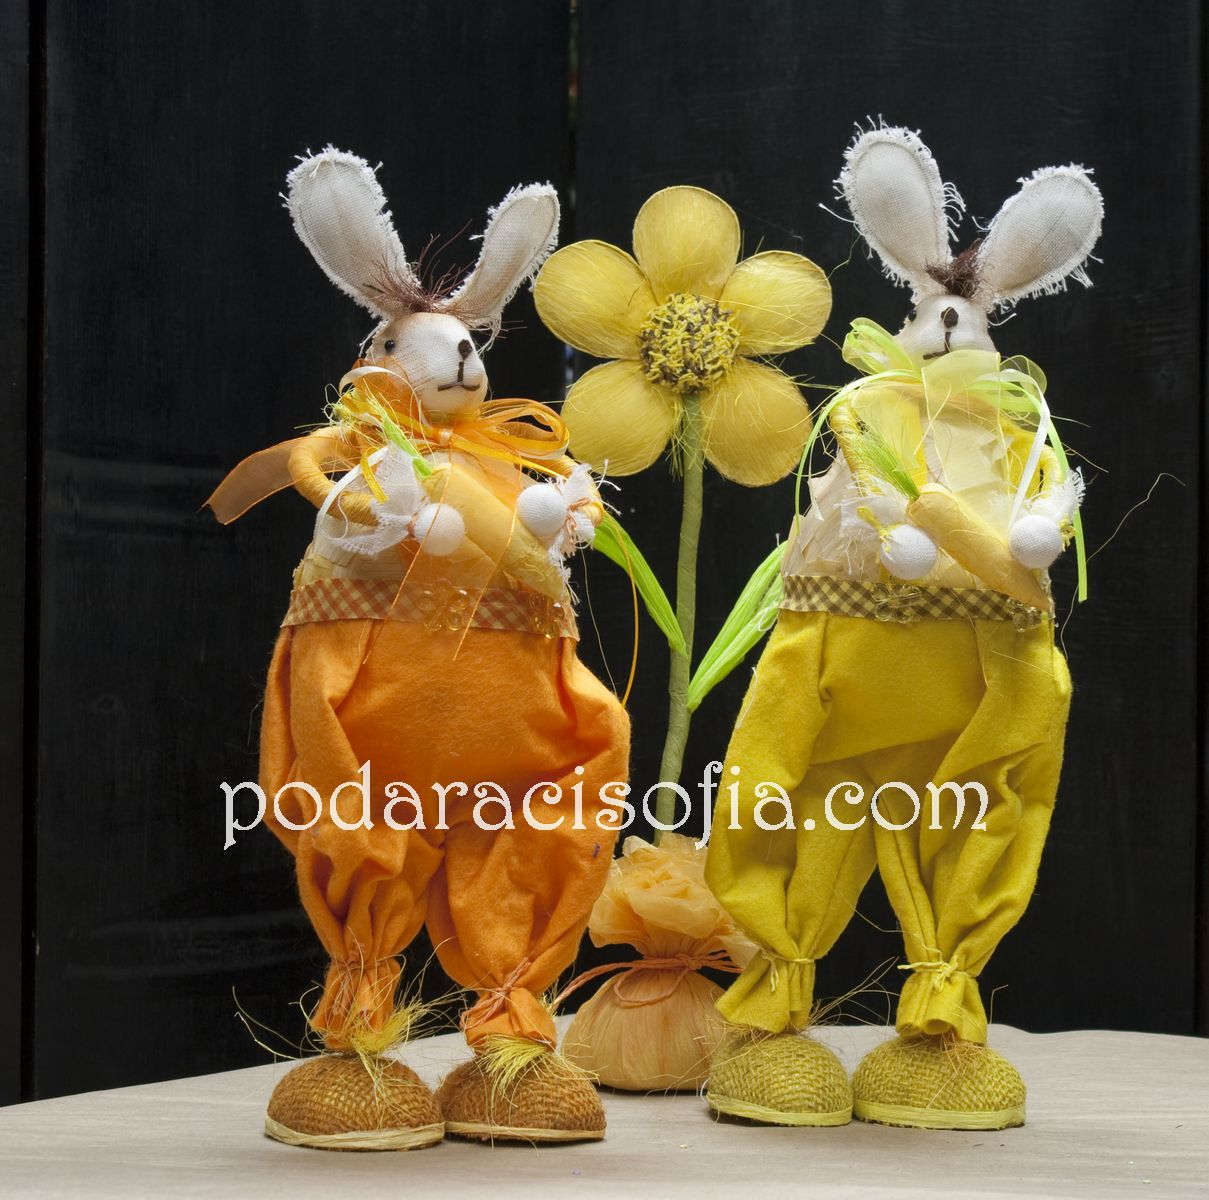 Високи великденски зайци облечени в оранжеви и жълти дрехи от магазин за подаръци Gifts